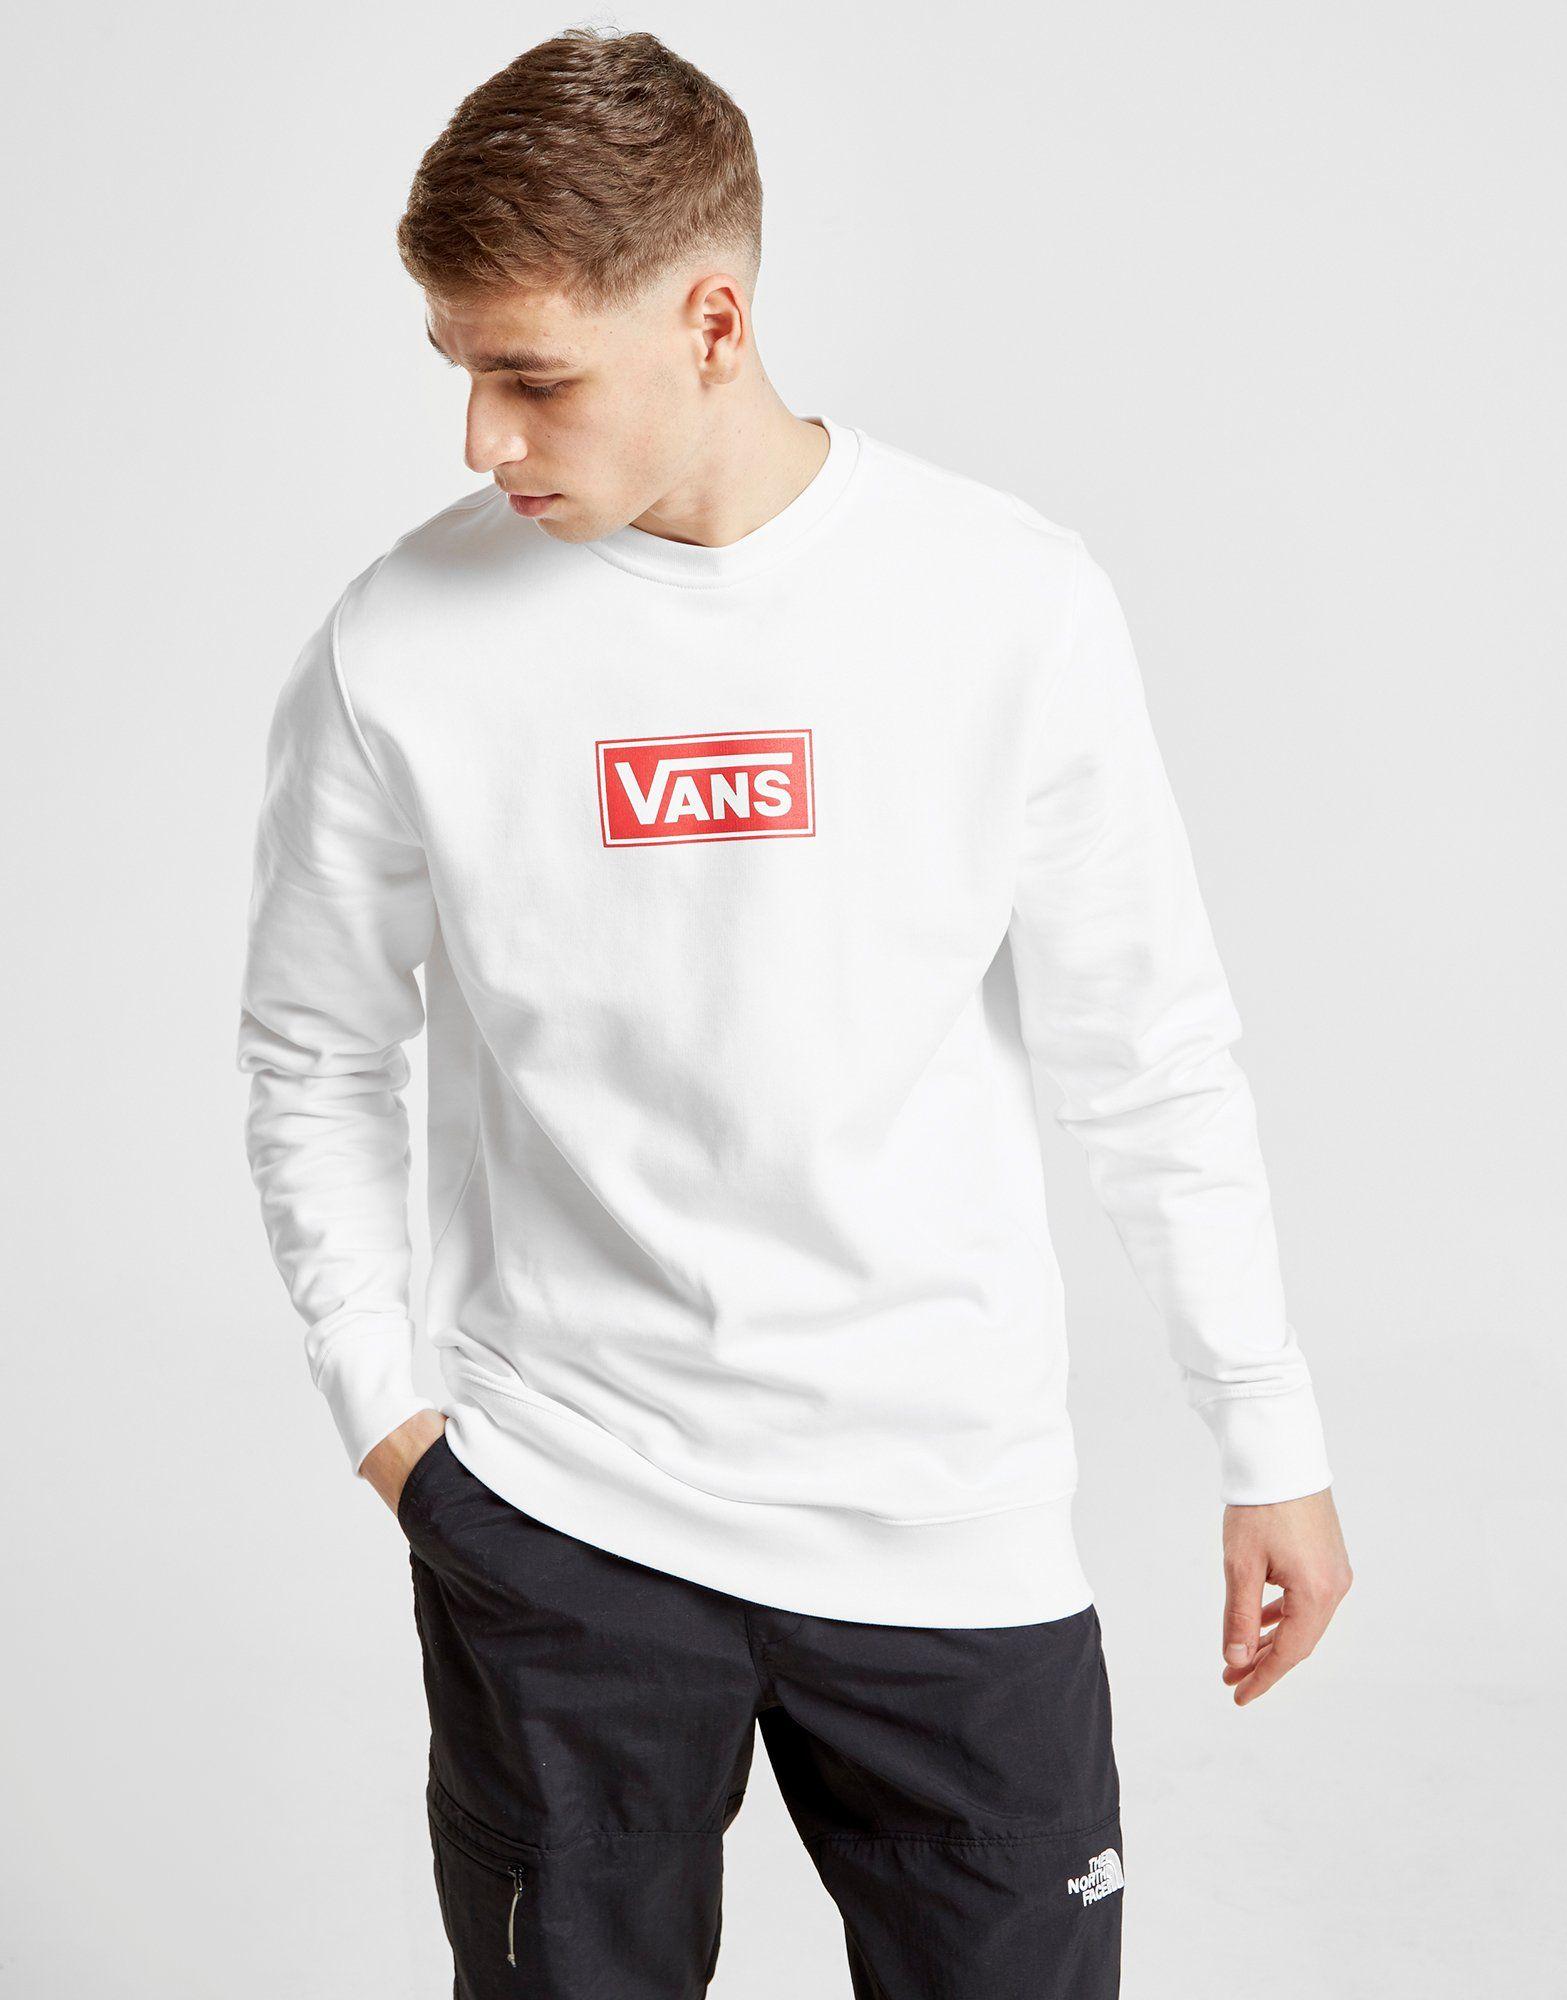 Vans Red Box Crew Sweatshirt